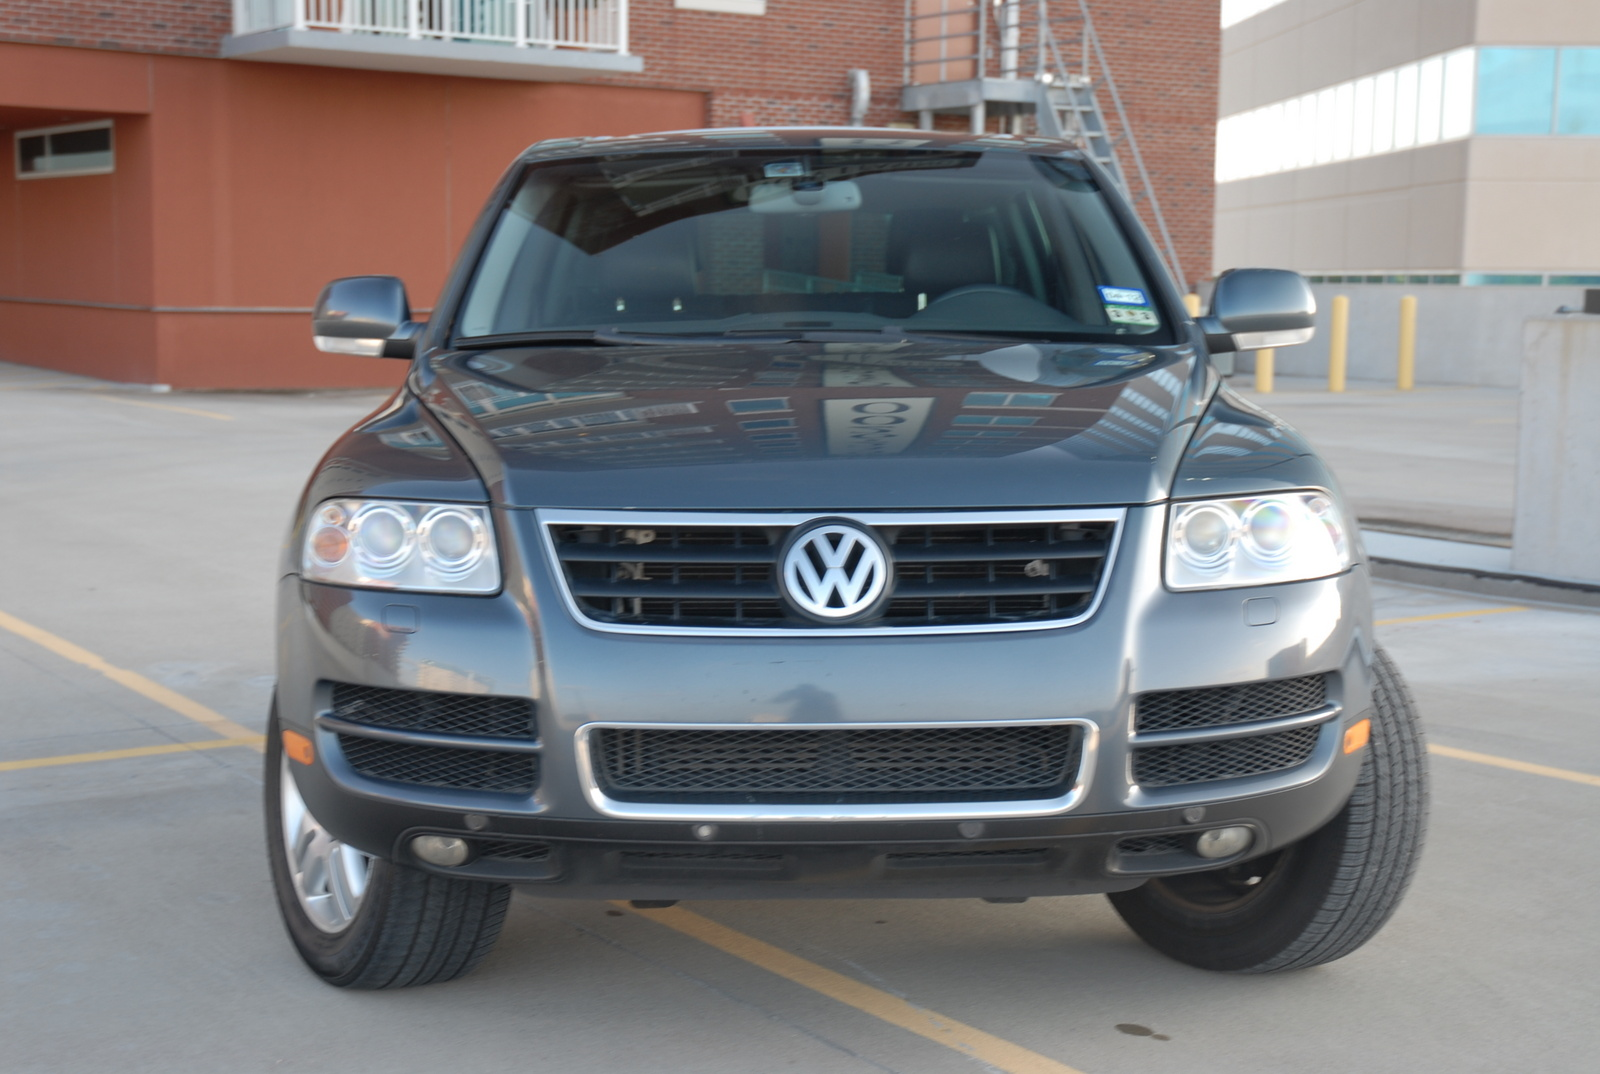 2004 Volkswagen Touareg Pictures Cargurus